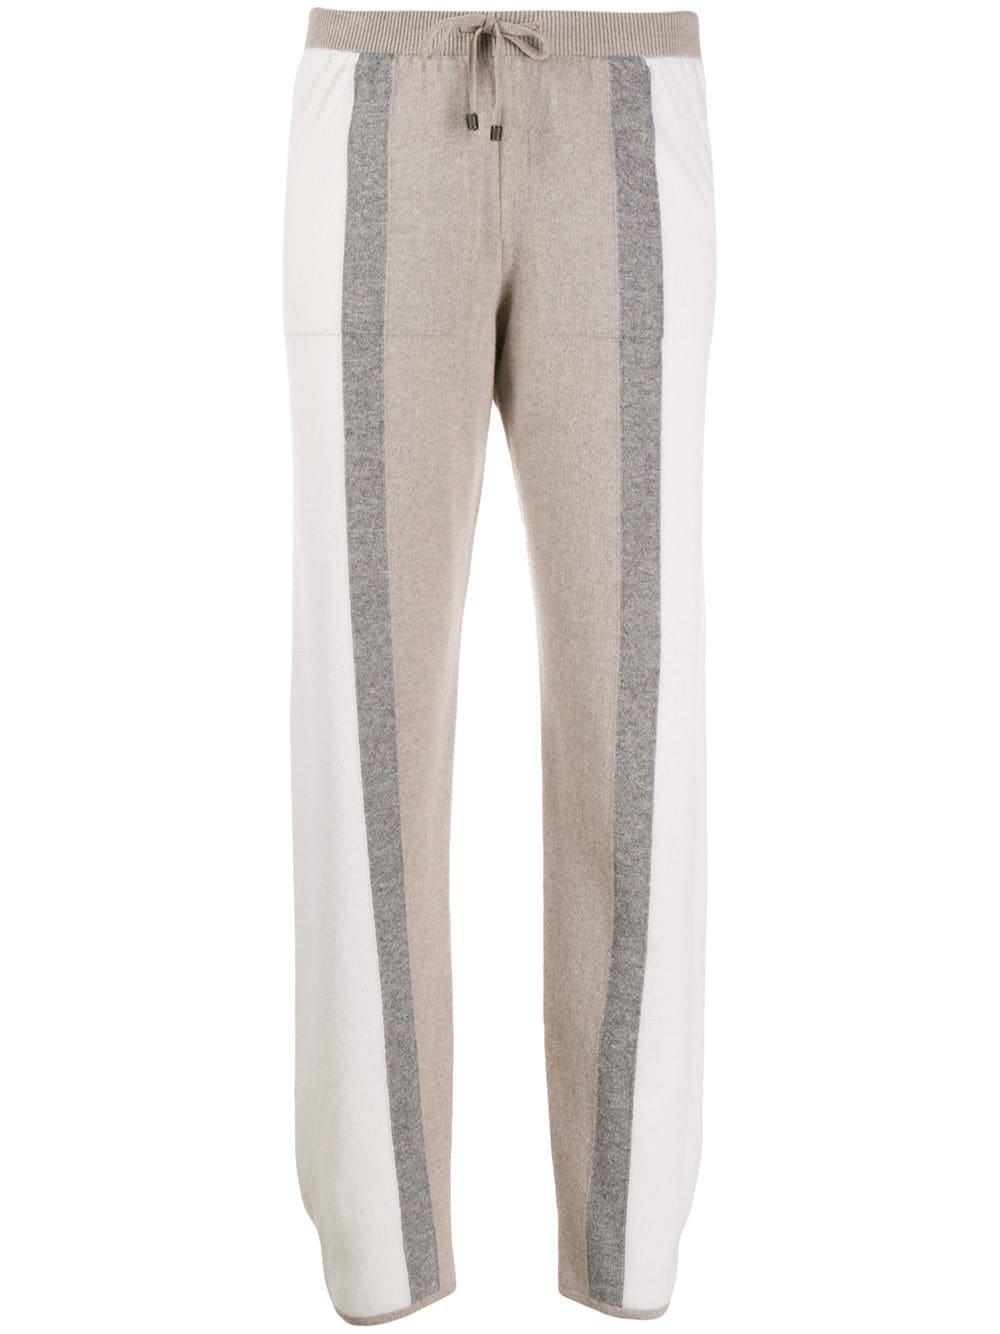 Lorena Antoniazzi Striped Knit Trousers - Farfetch